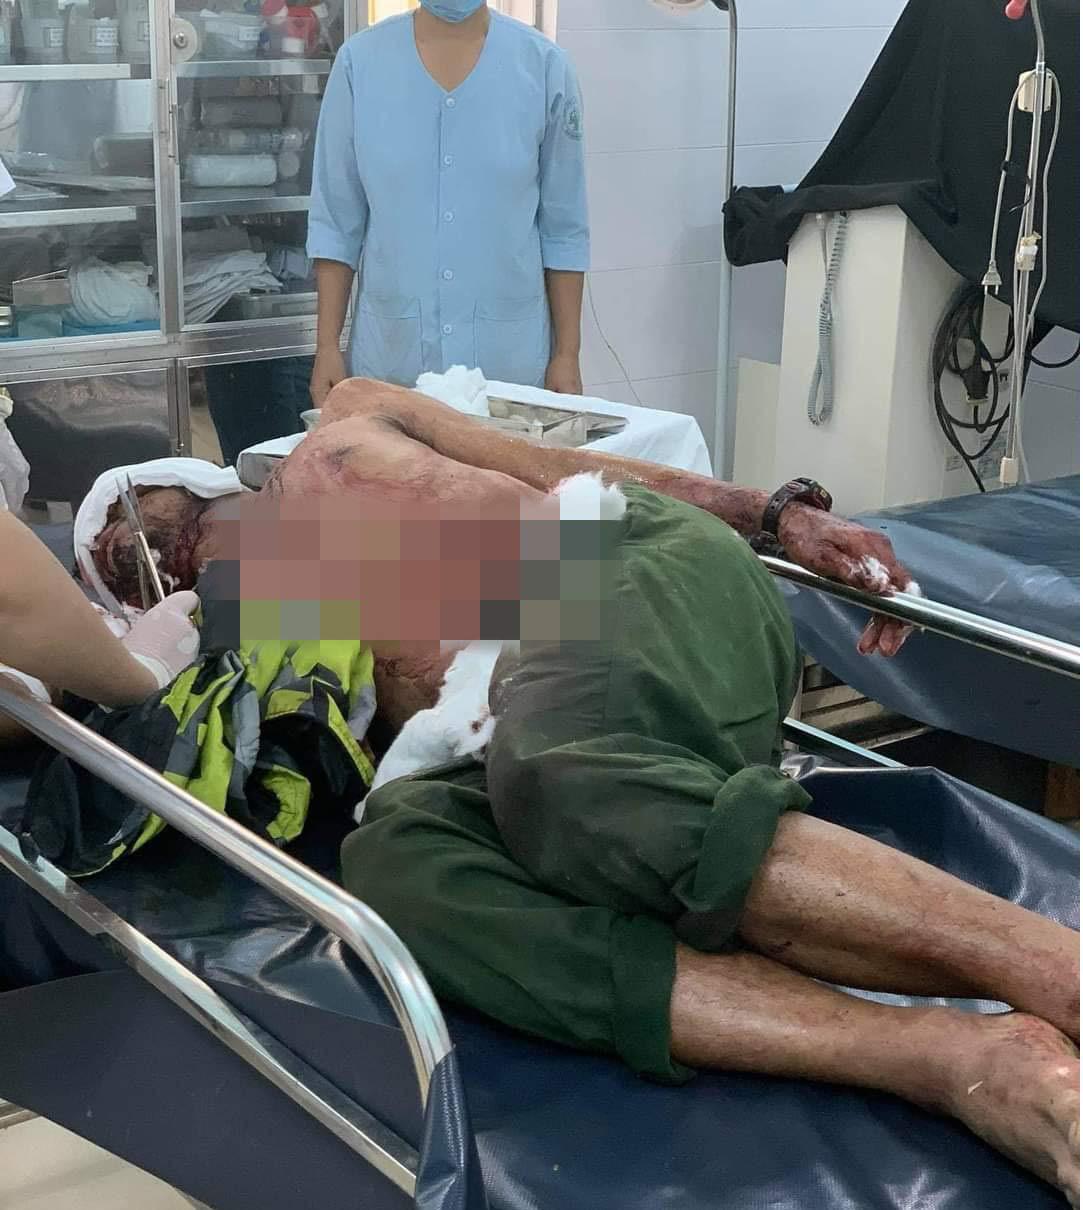 Vụ gấu tấn công người ở Quảng Nam: Nạn nhân chấn thương sọ não, còn thở máy - Ảnh 2.